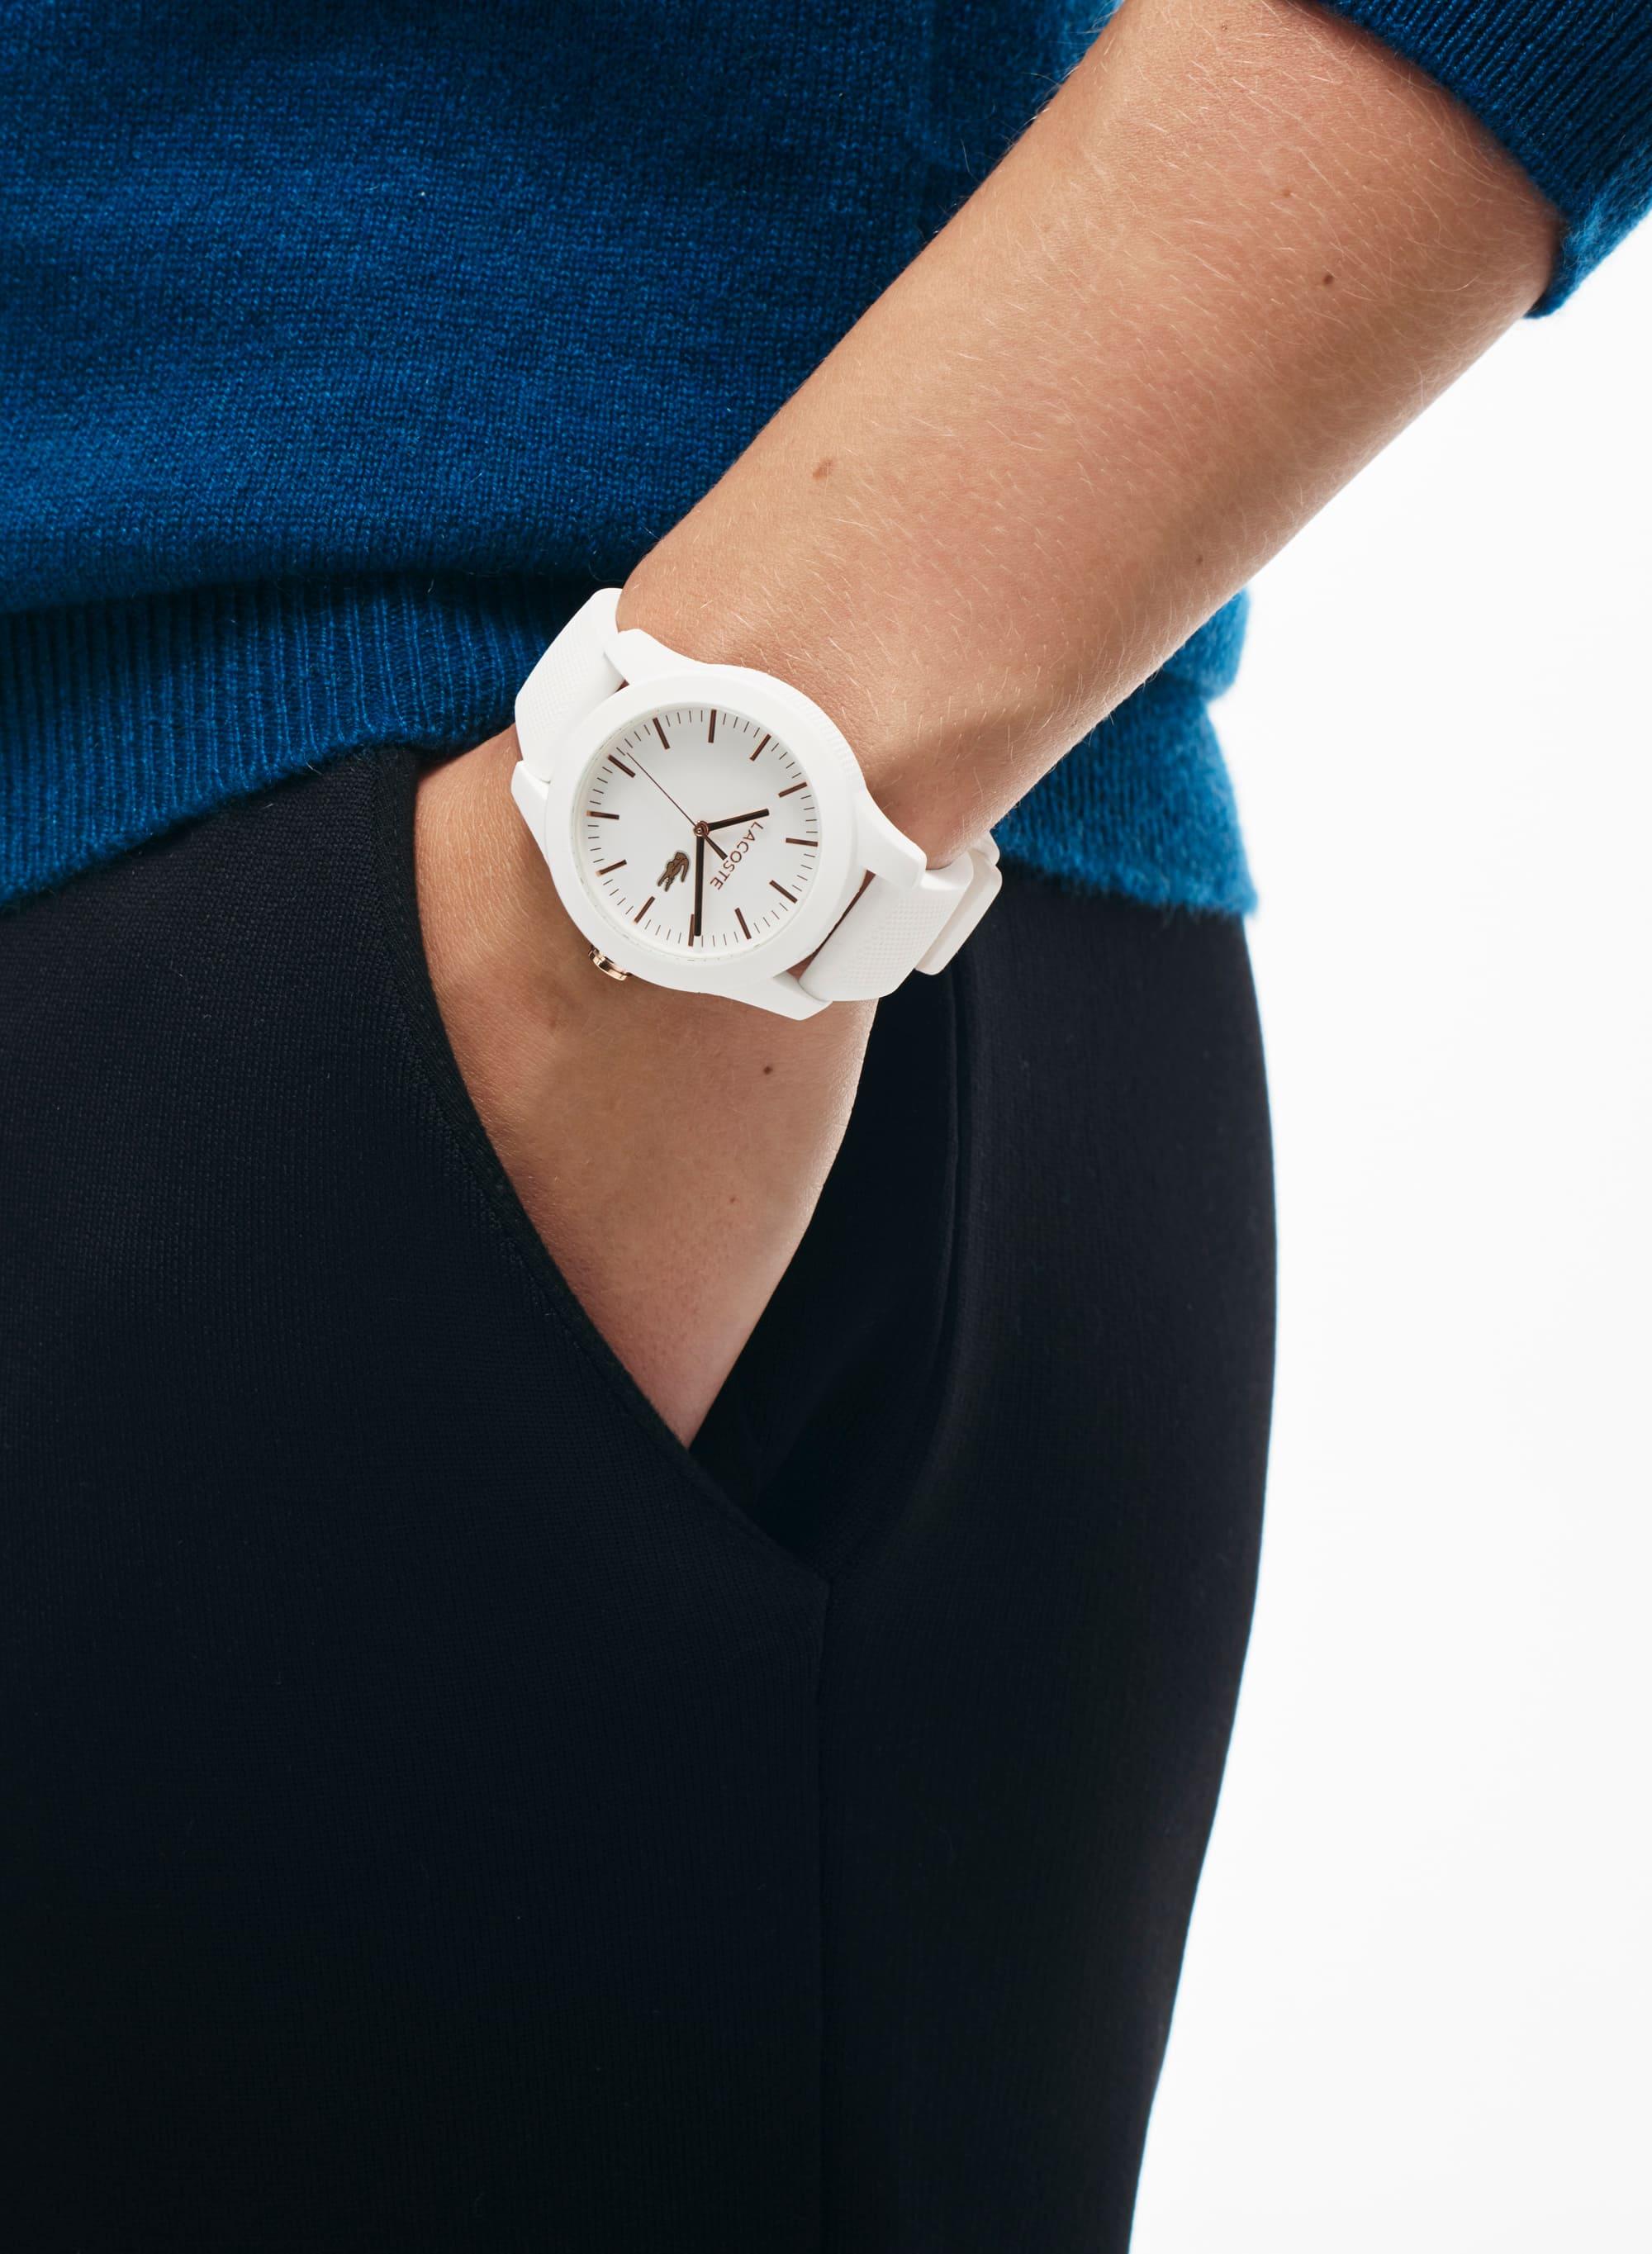 Lacoste 12.12 Horloge voor vrouwen, wit, wijzers van goud plaqué